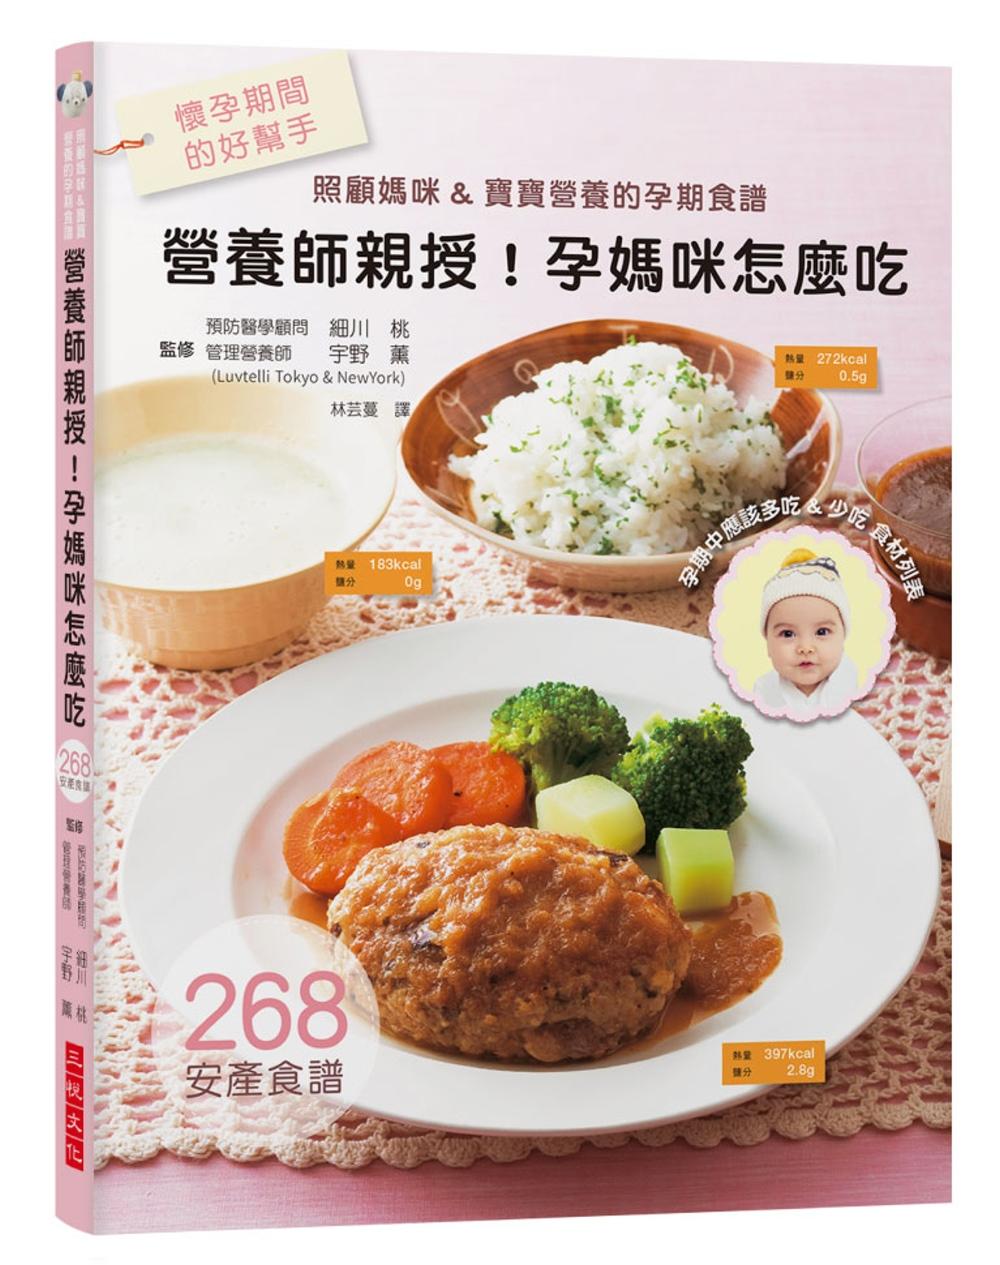 營養師親授!孕媽咪怎麼吃:照顧媽咪& 寶寶營養的孕期食譜,孕期中應該多吃&少吃的食材列表